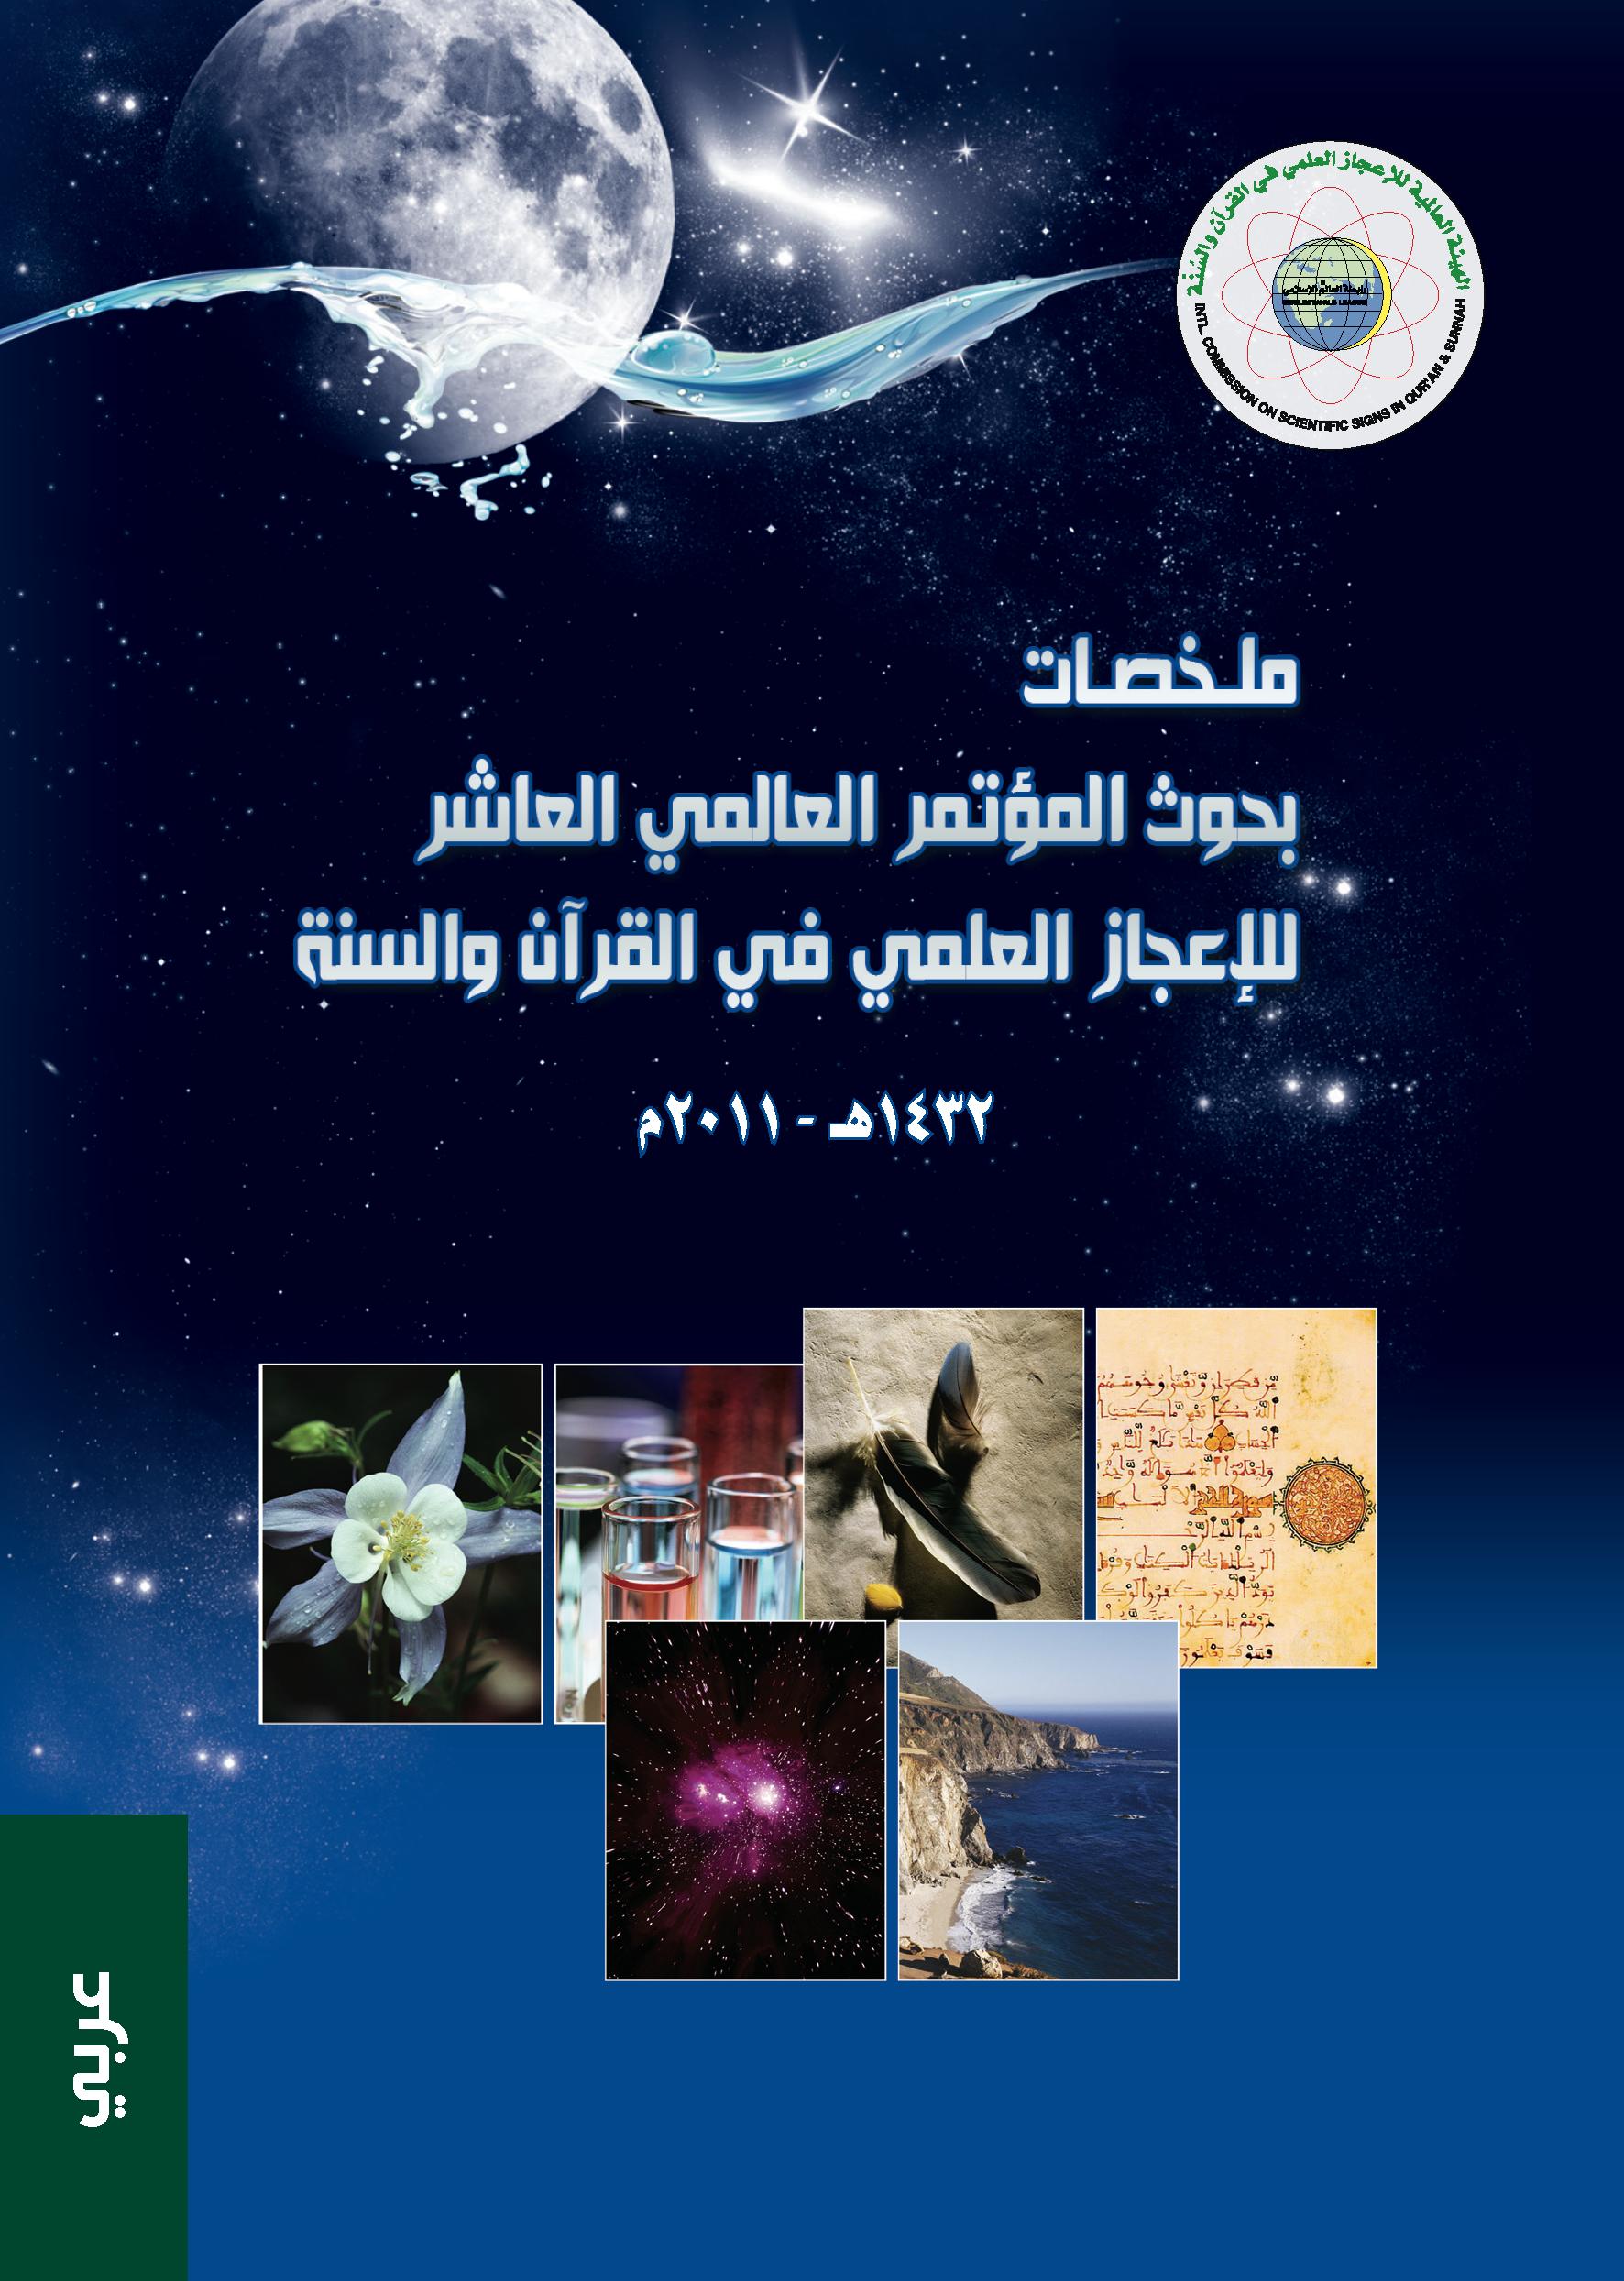 تحميل كتاب ملخصات بحوث المؤتمر العالمي العاشر للإعجاز العلمي في القرآن والسنة (1432 - 2011) لـِ: جماعة من أهل العلم